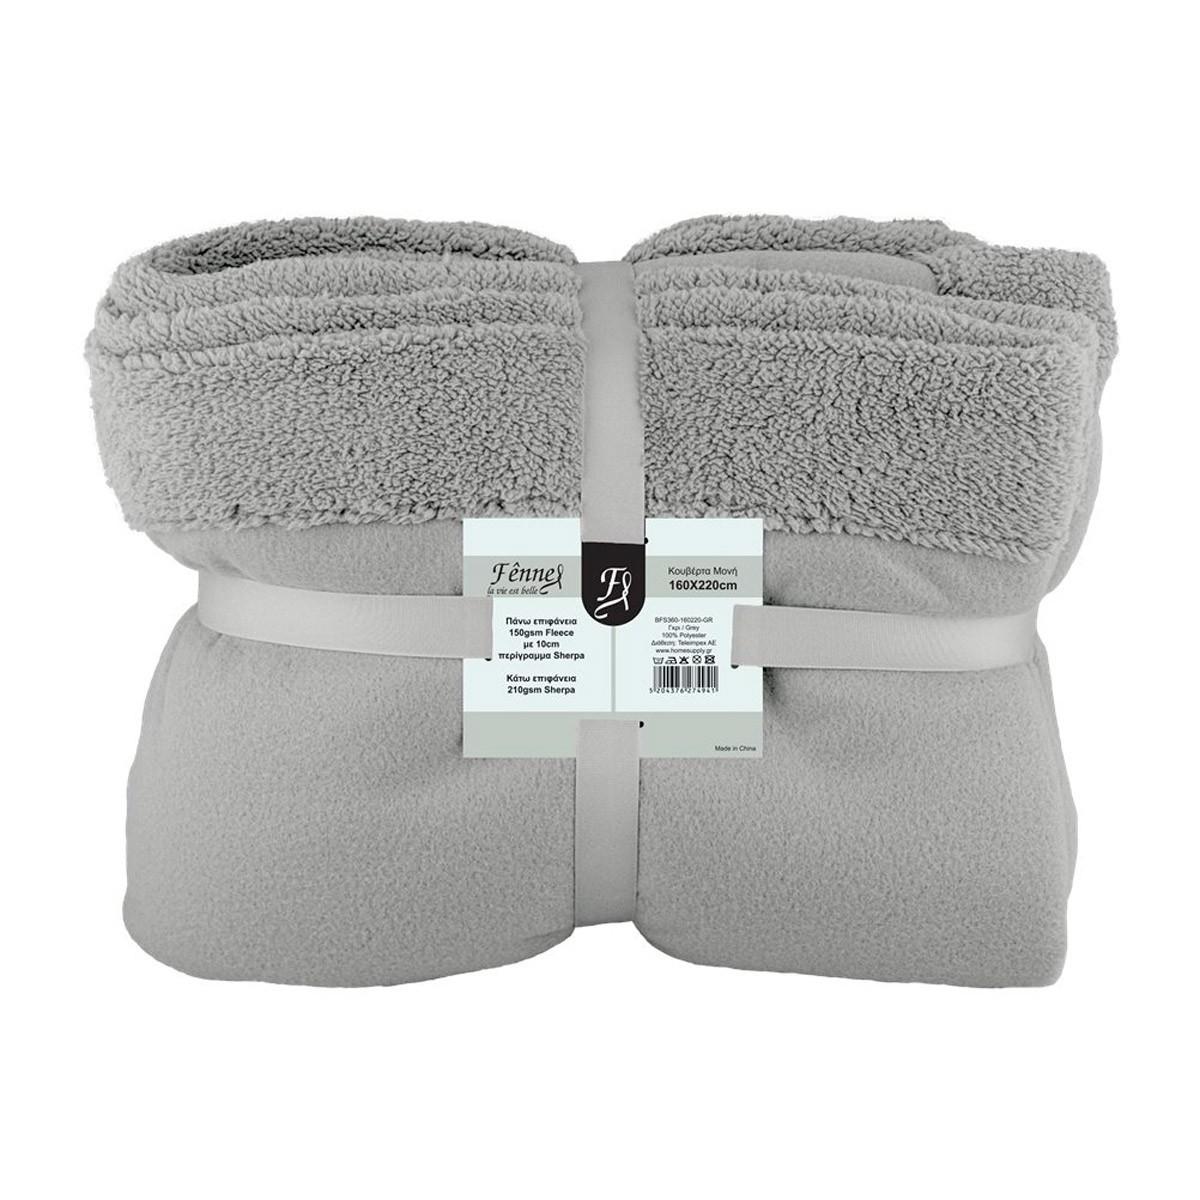 Κουβέρτα Fleece Μονή Fennel BFS360 Grey 85482